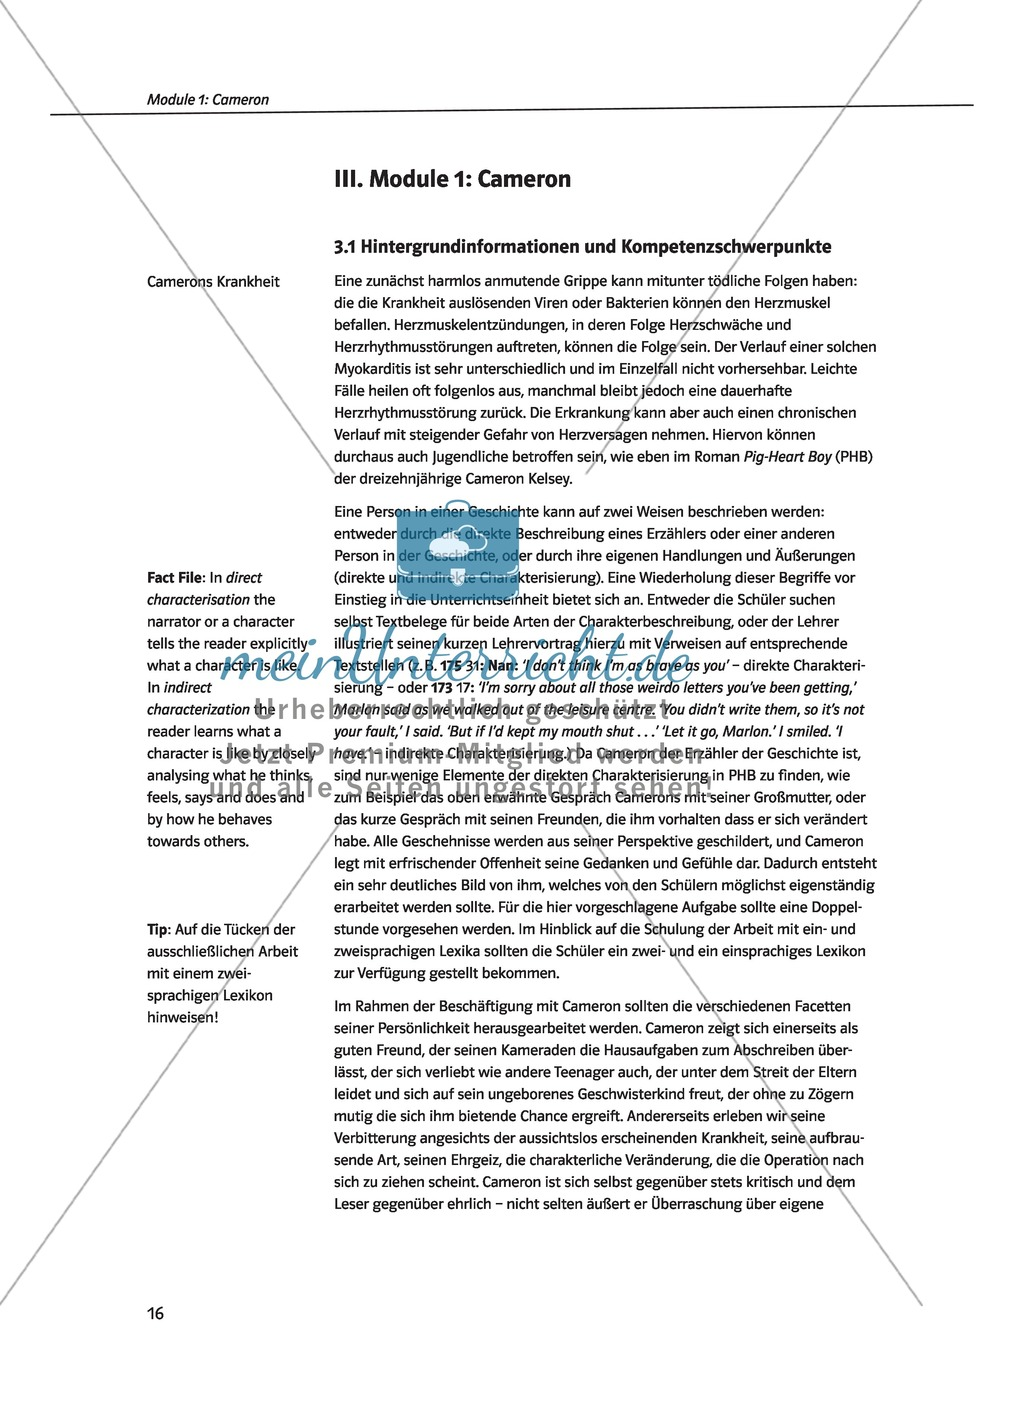 Atemberaubend Biologie Arbeitsblatt Für Die High School Galerie ...